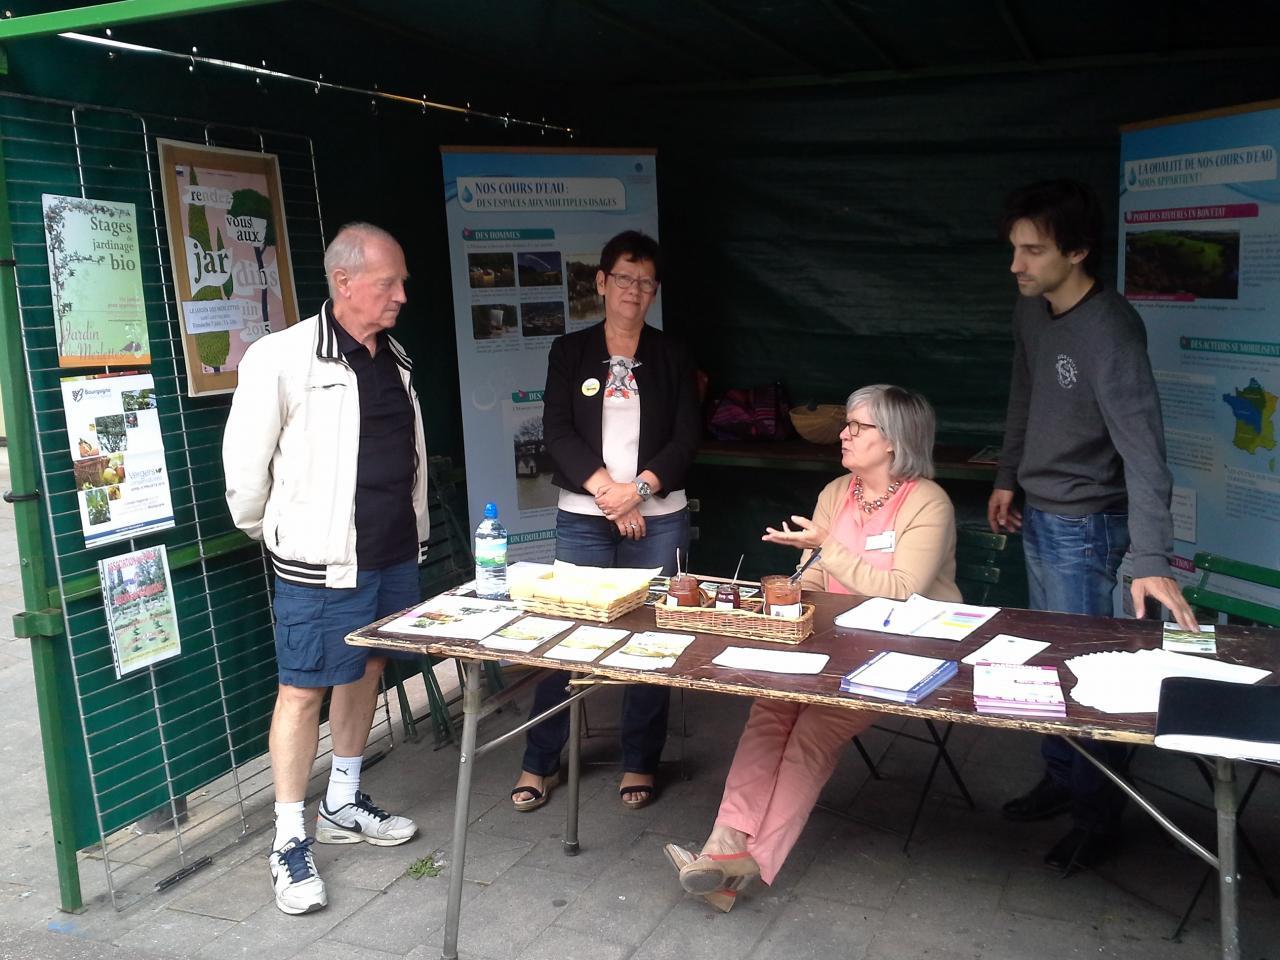 Semaine du développement durable juin 2015  Cosne Cours / Loire